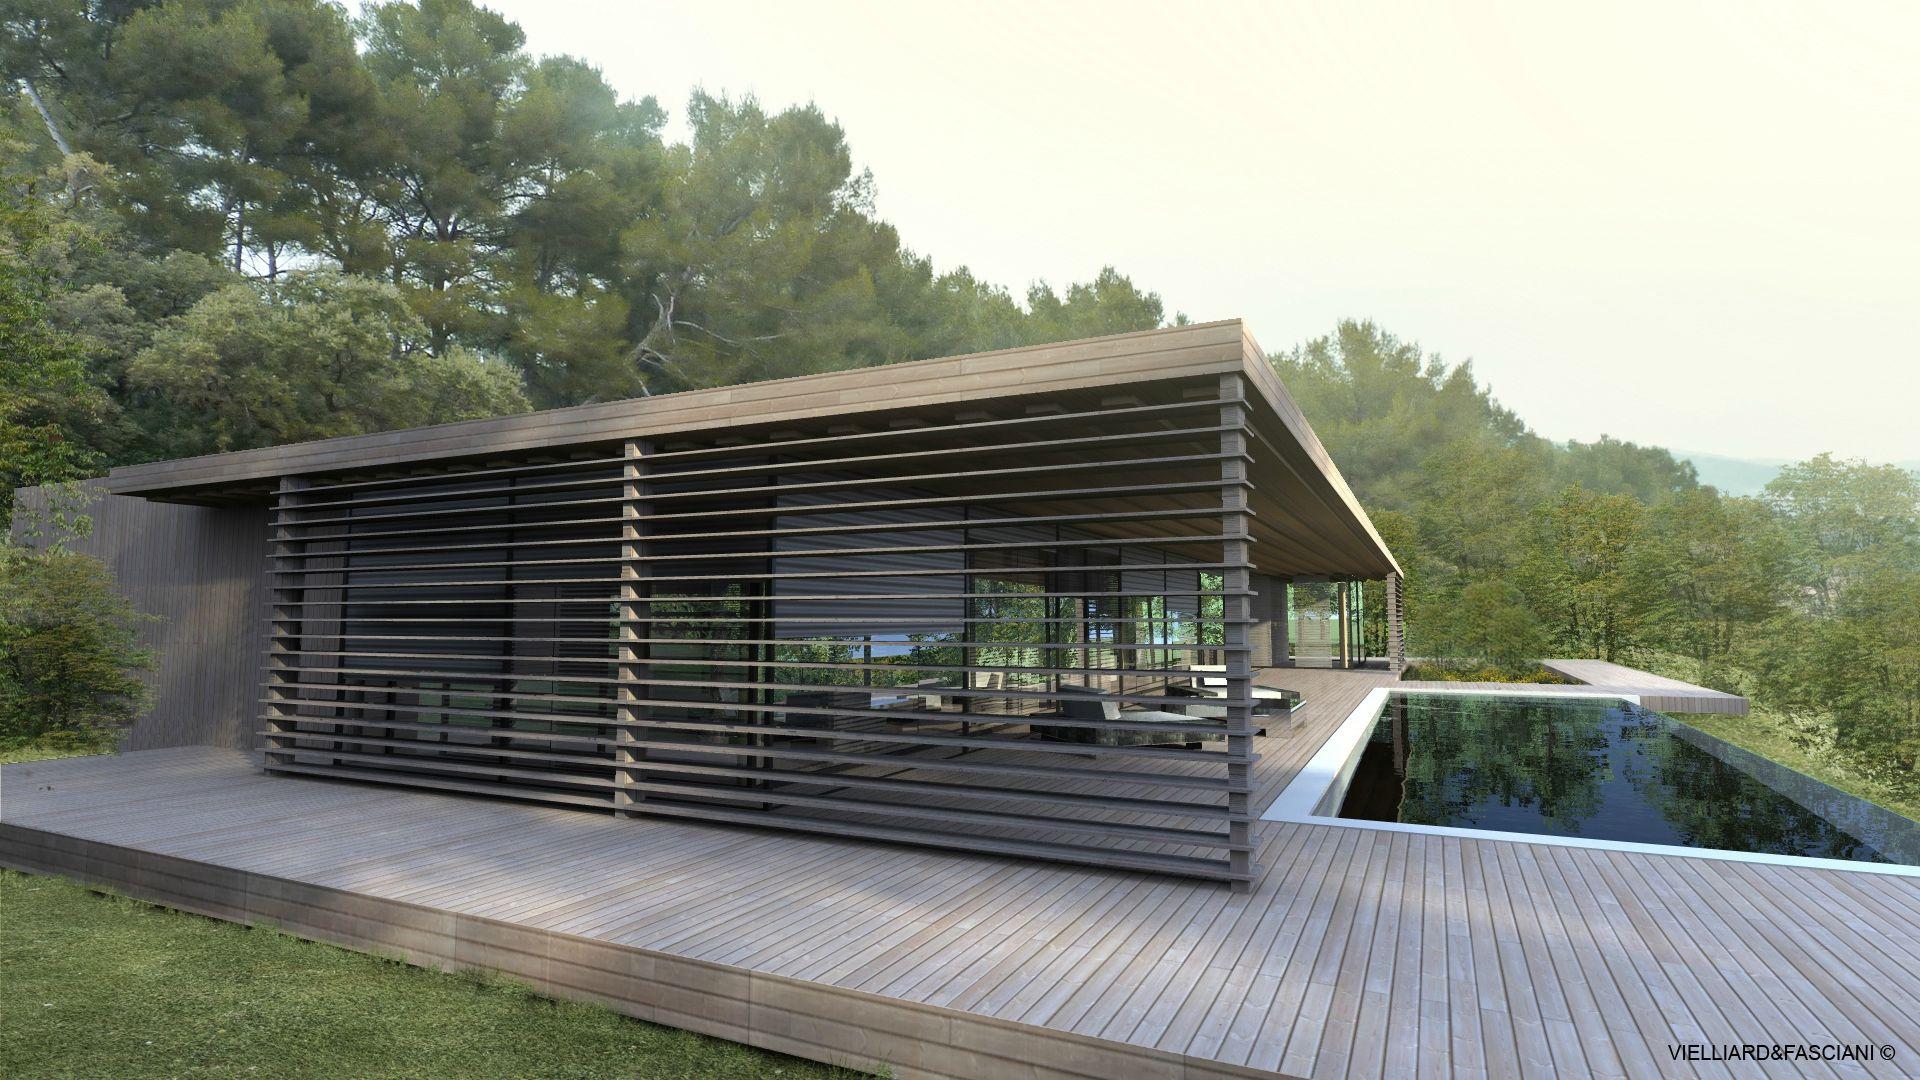 Maison contemporaine aix en provence villa contemporaine cote d 39 azur nice space house - Plan maison bois contemporaine ...